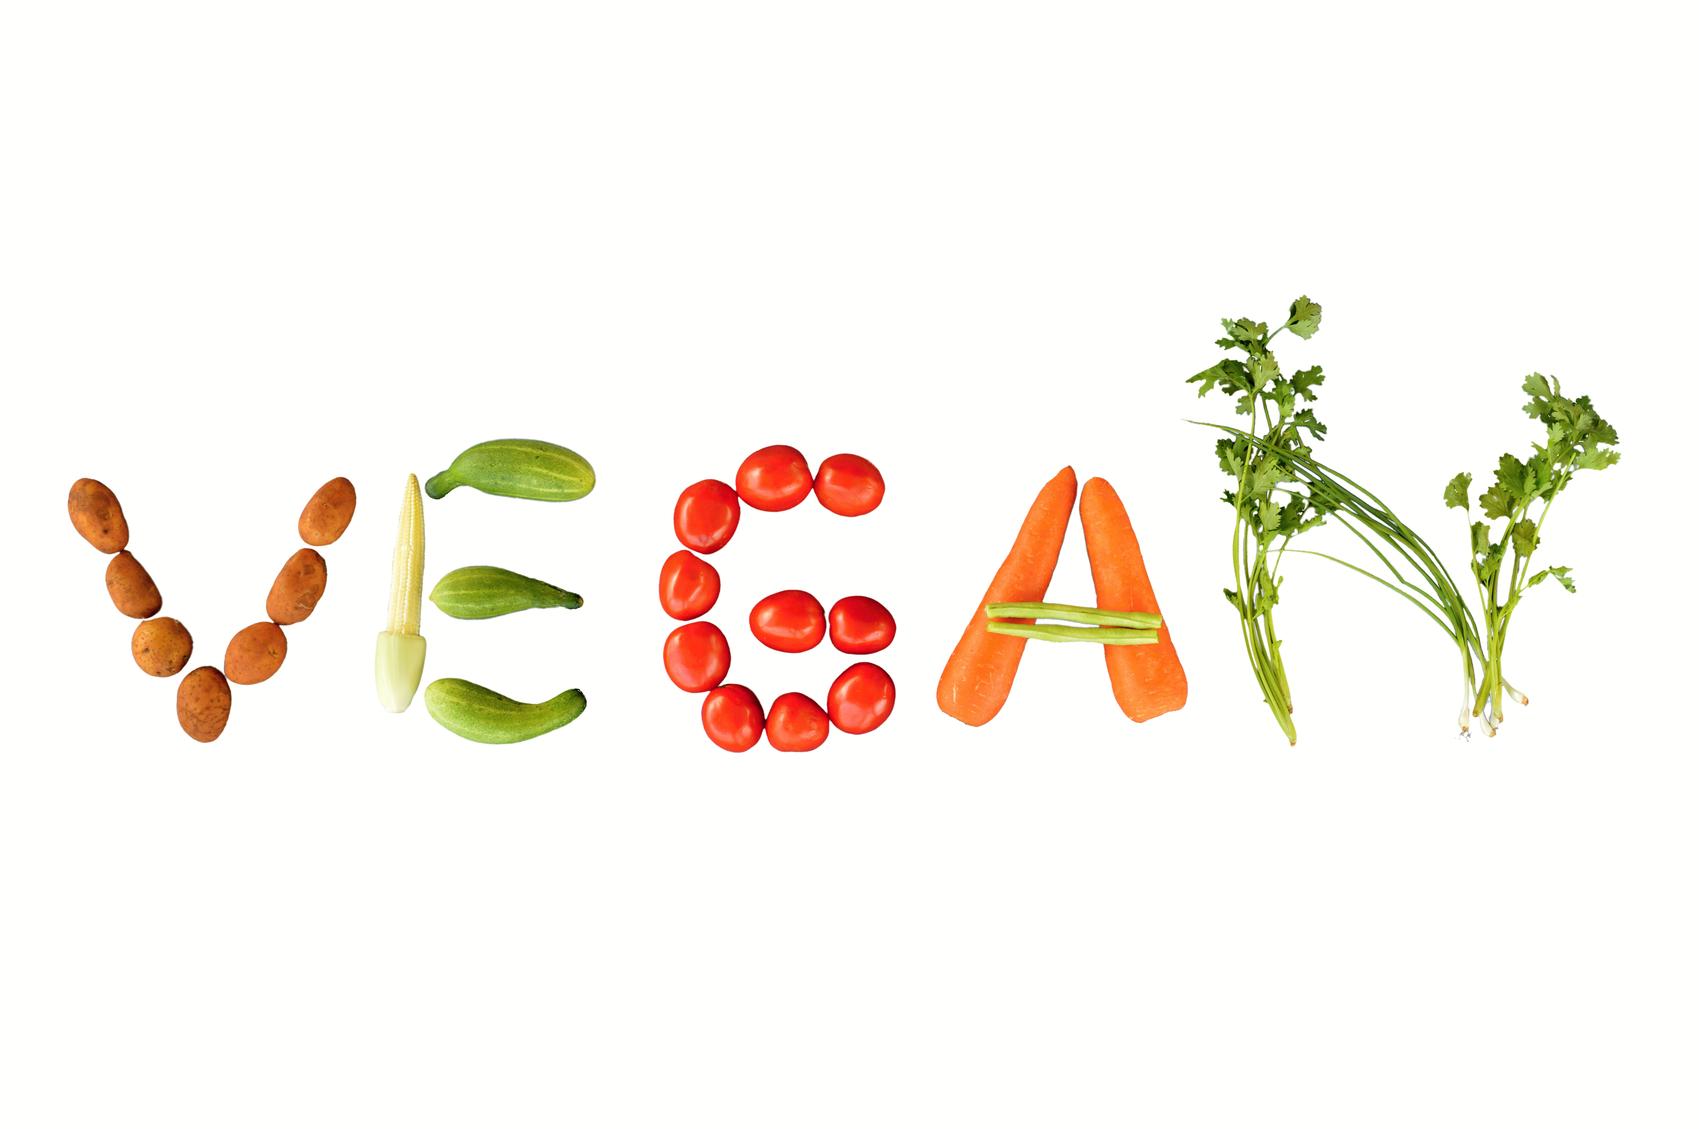 dieta-vegana-foto